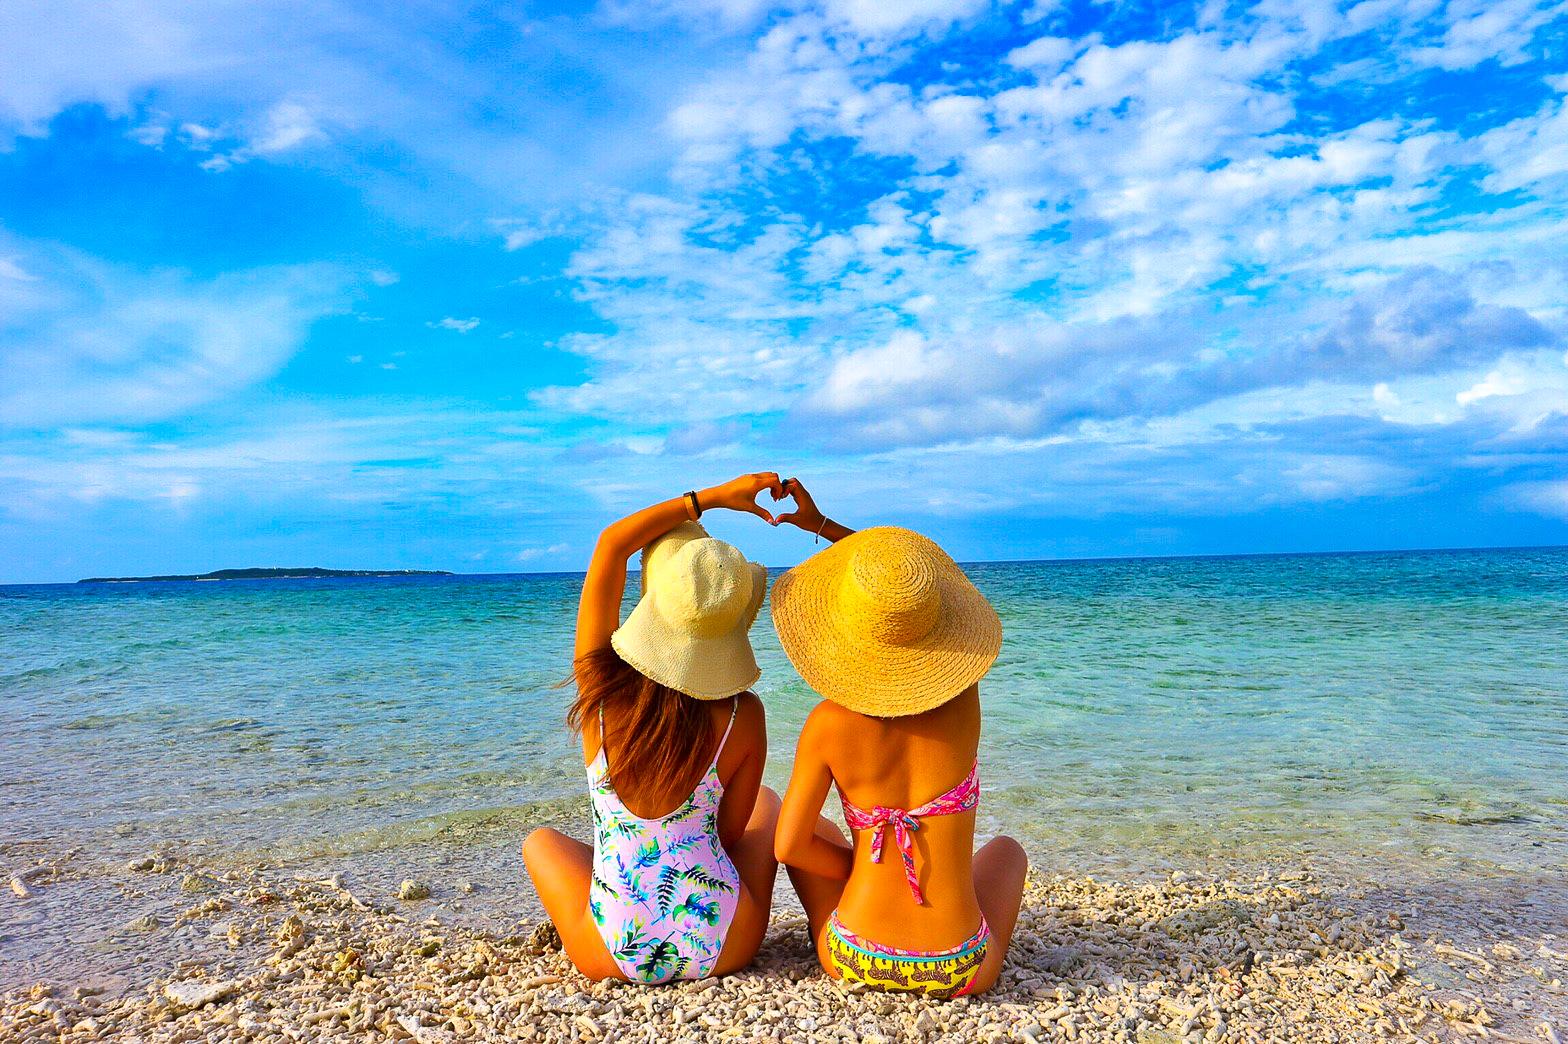 ビーチでポーズを決める女性2人